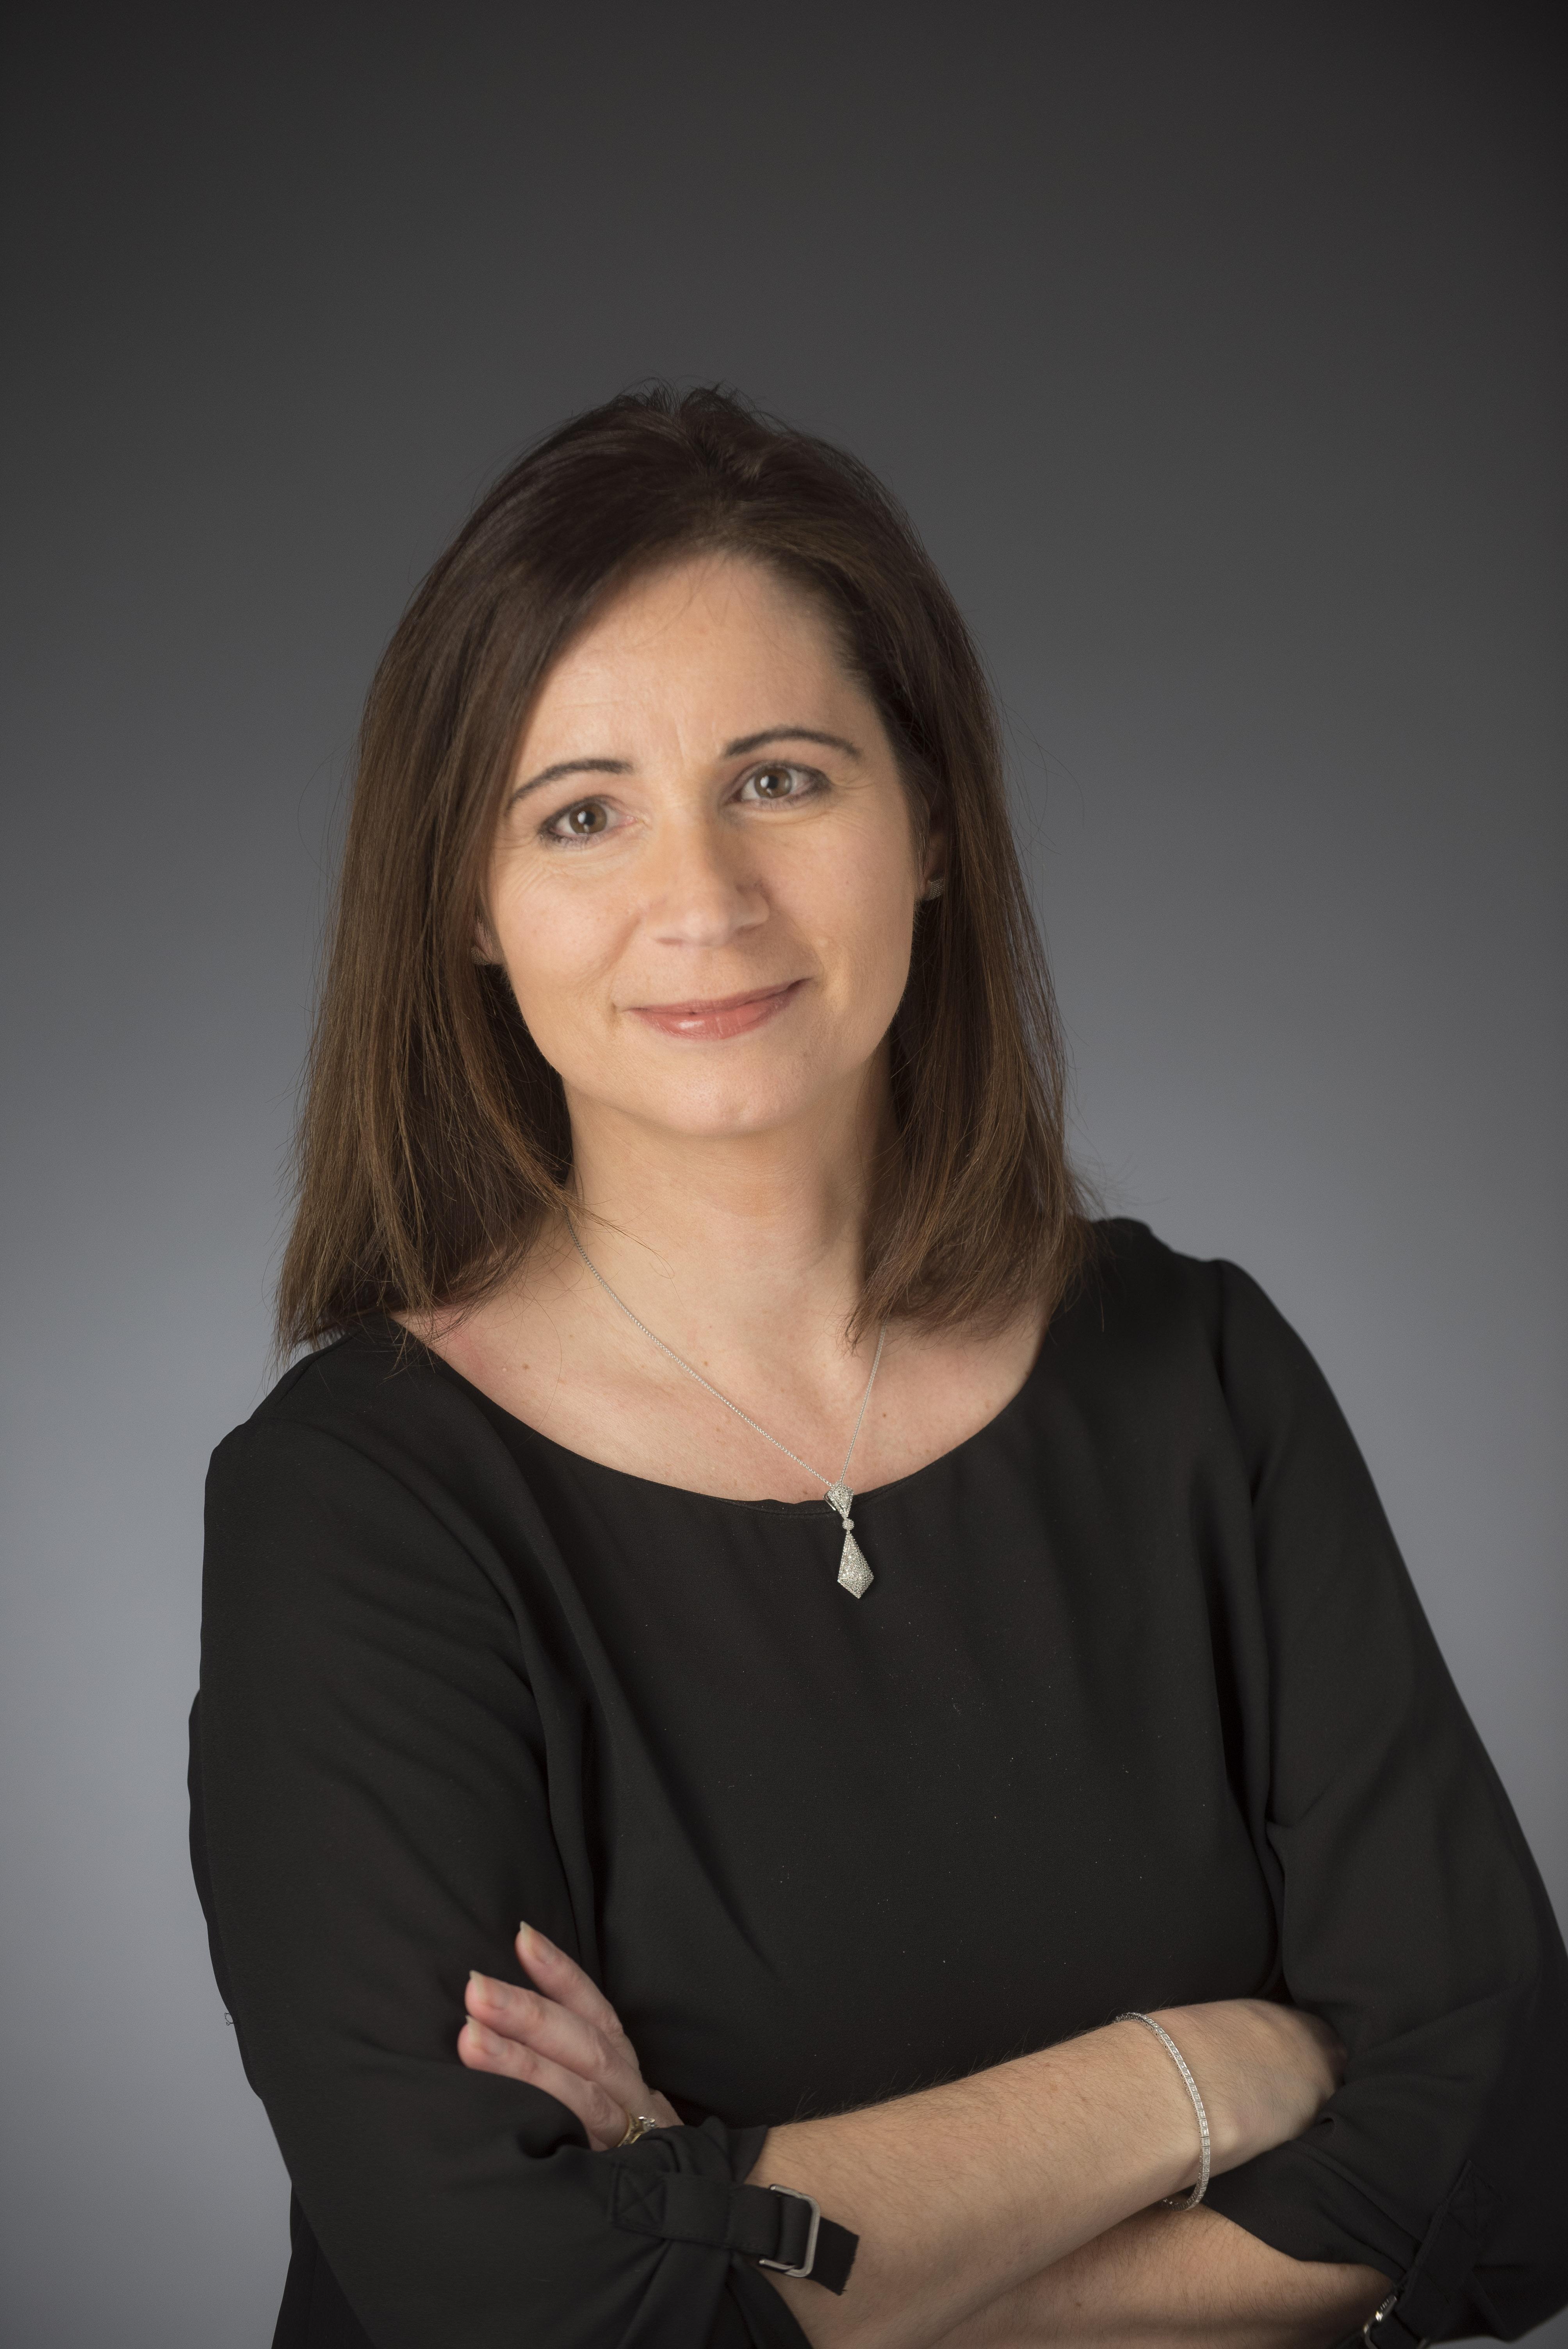 Kim Engelman